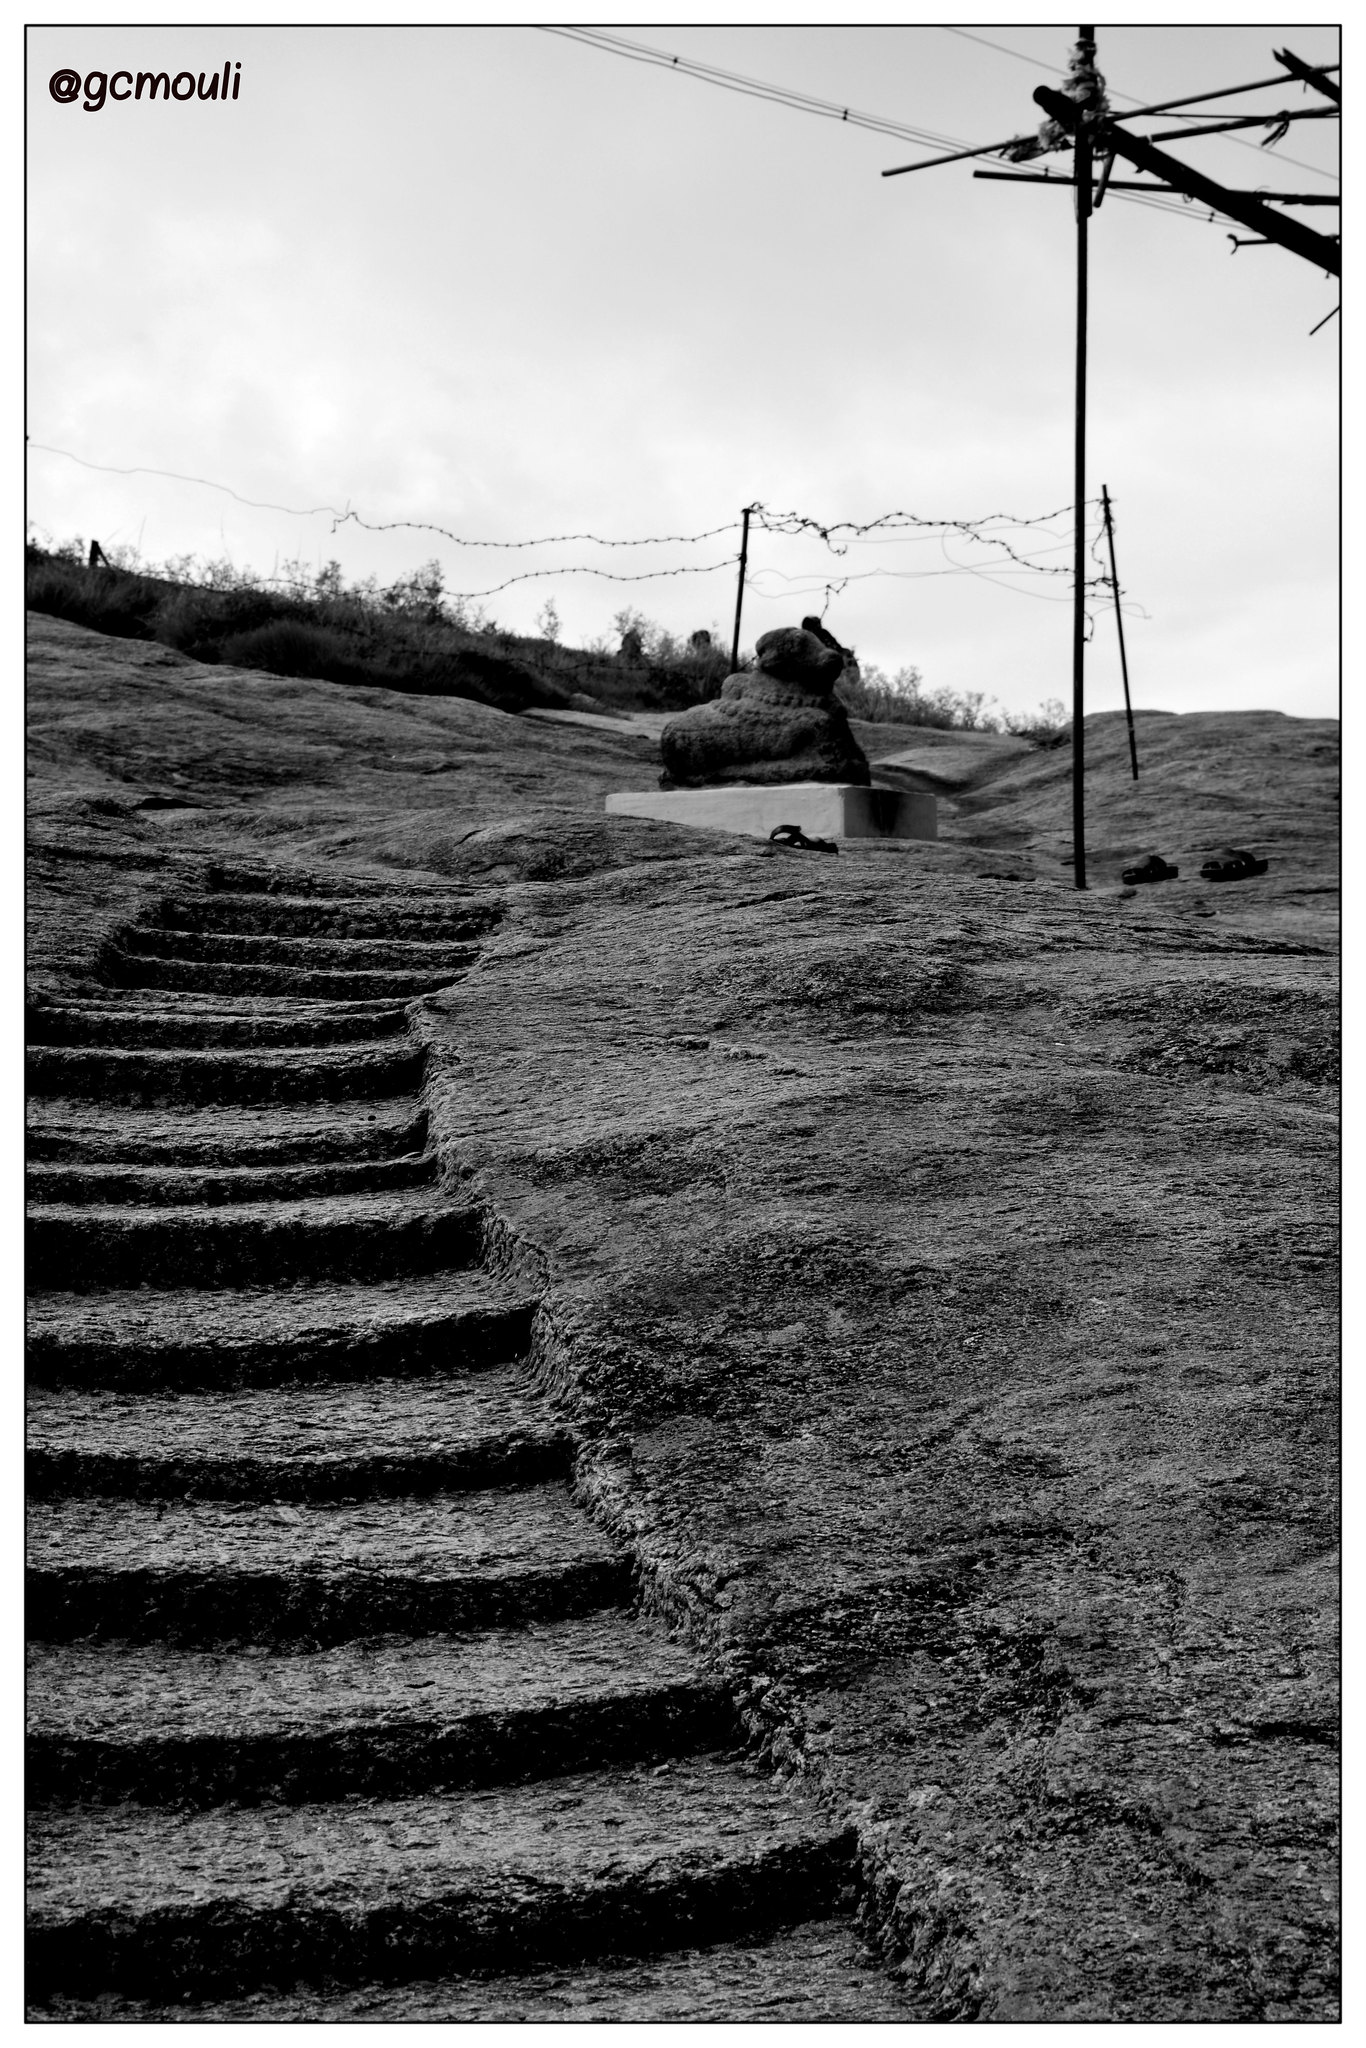 Steps - Nandi Hills